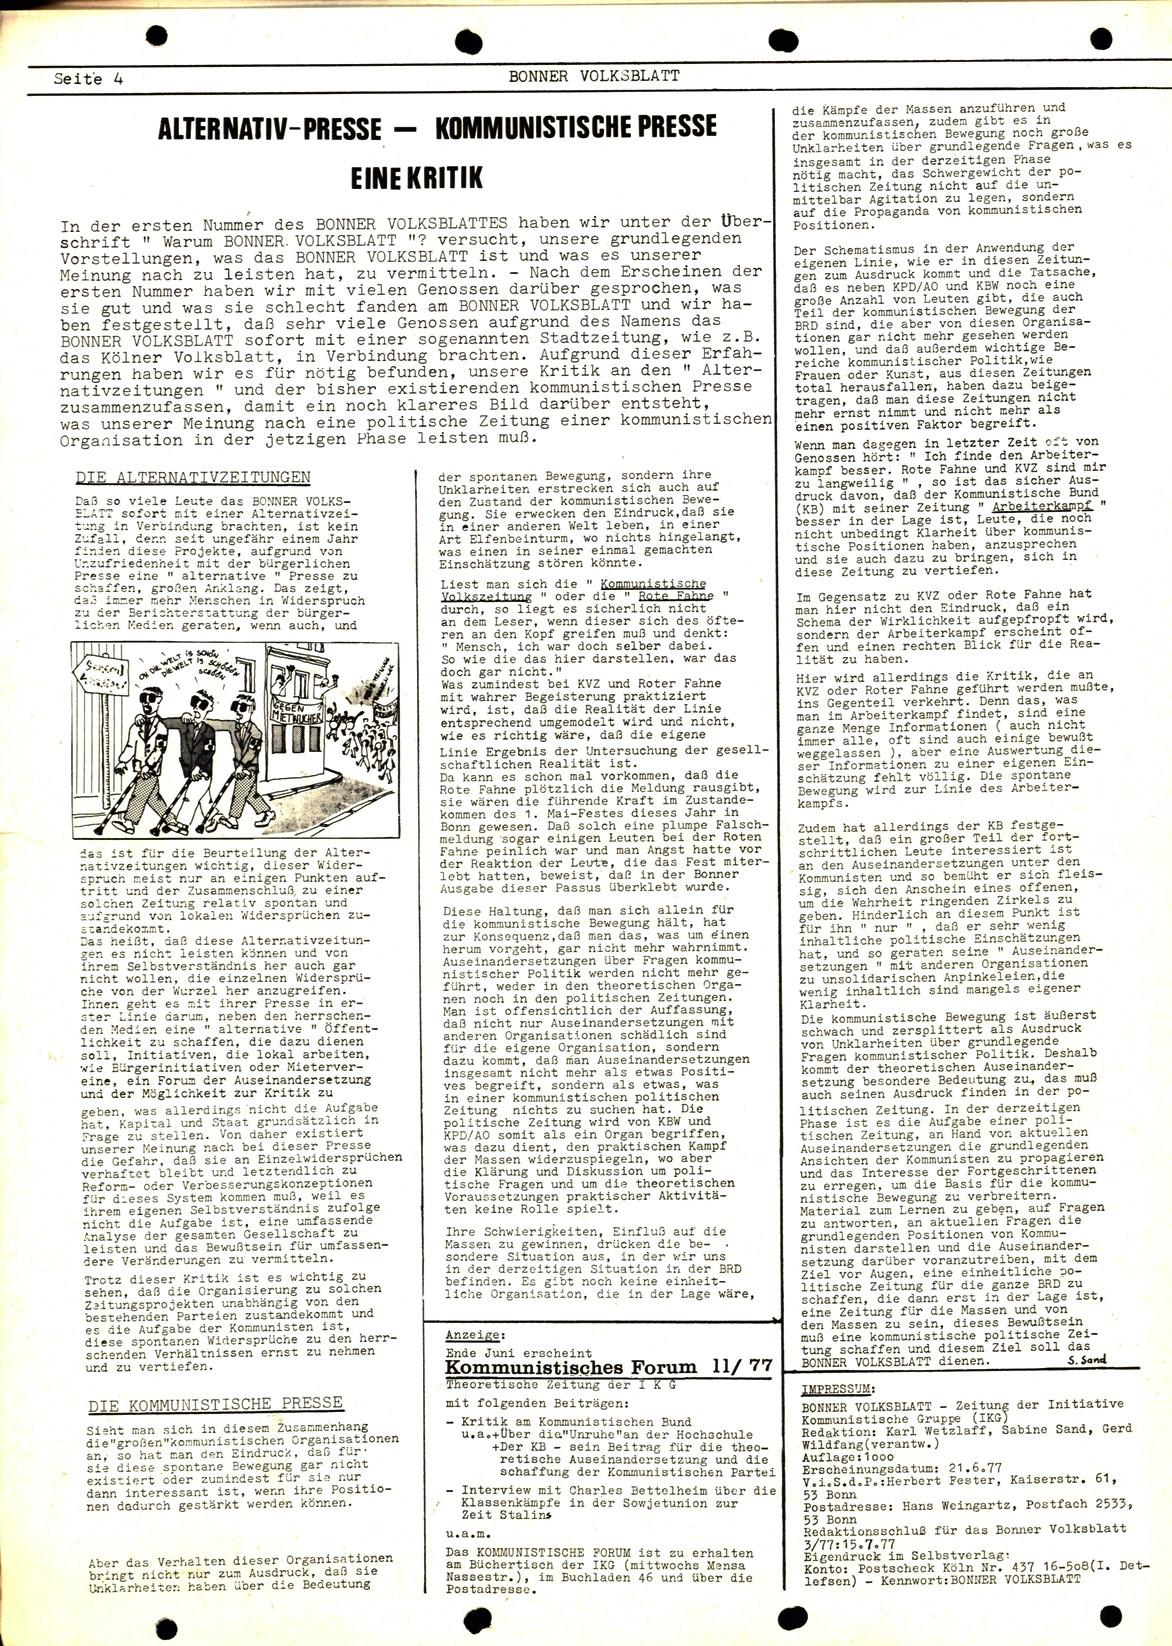 Bonner_Volksblatt_02_19770621_04